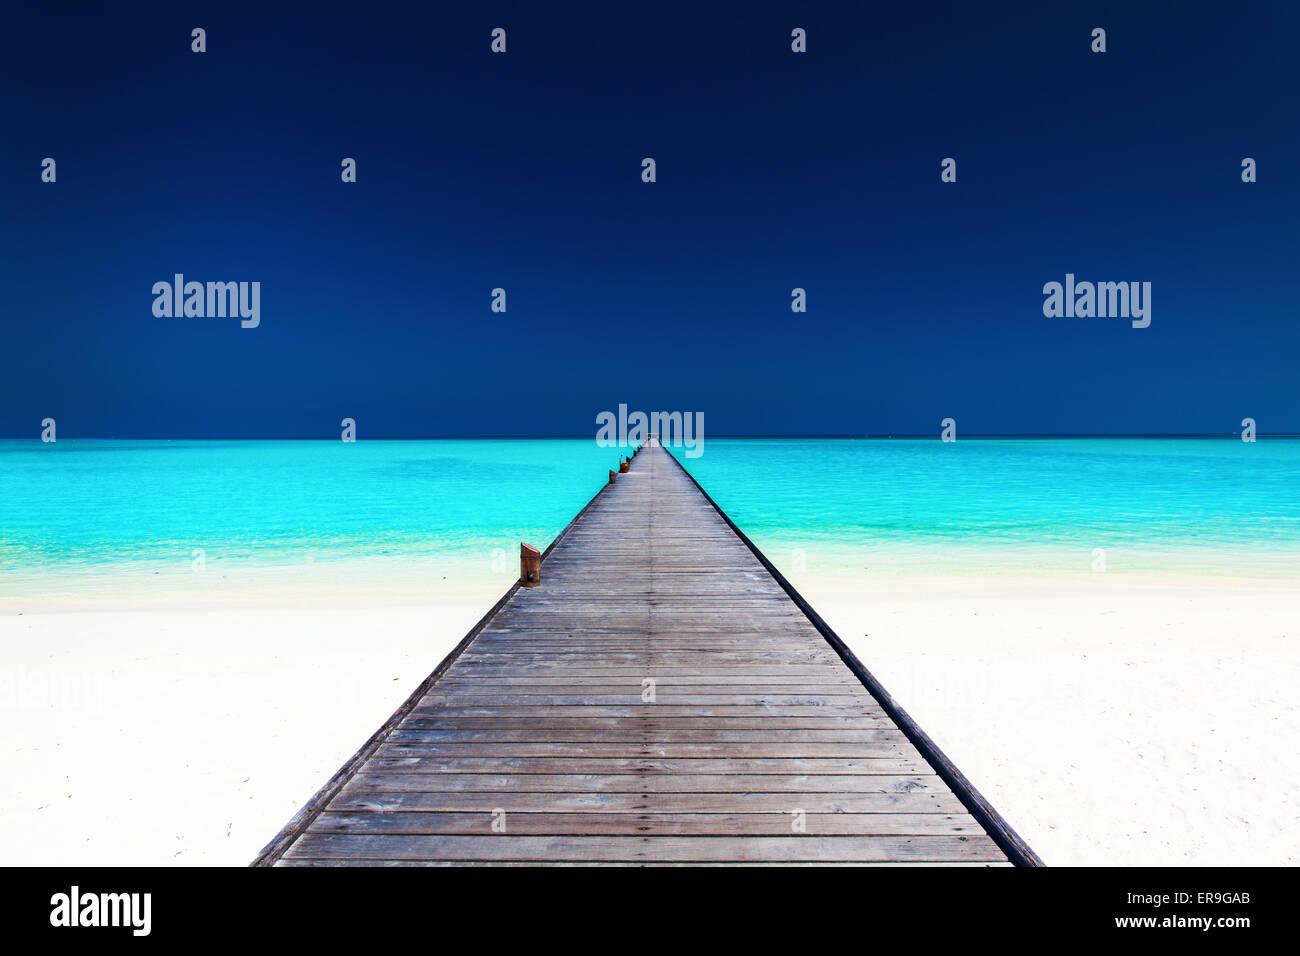 Legno lungo molo su laguna con incredibile pulite acque azzurre Immagini Stock